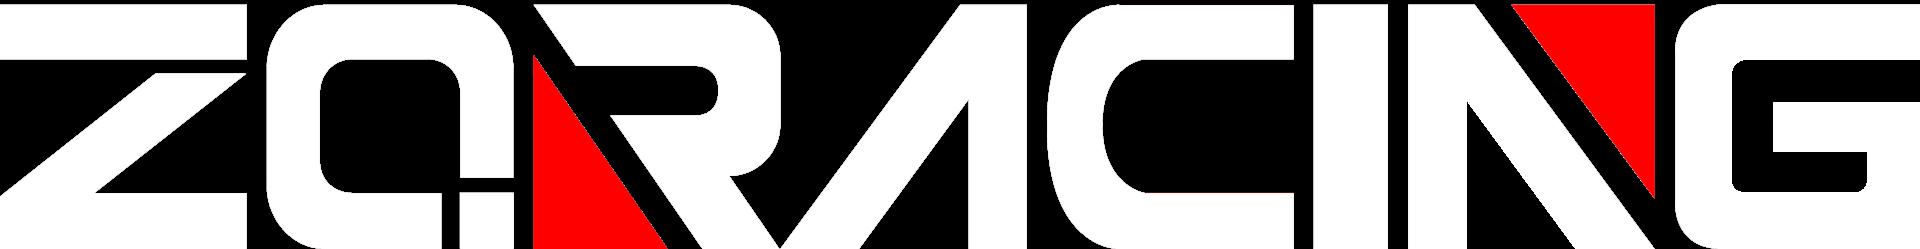 ZQRACING-logo-white_1920x.png